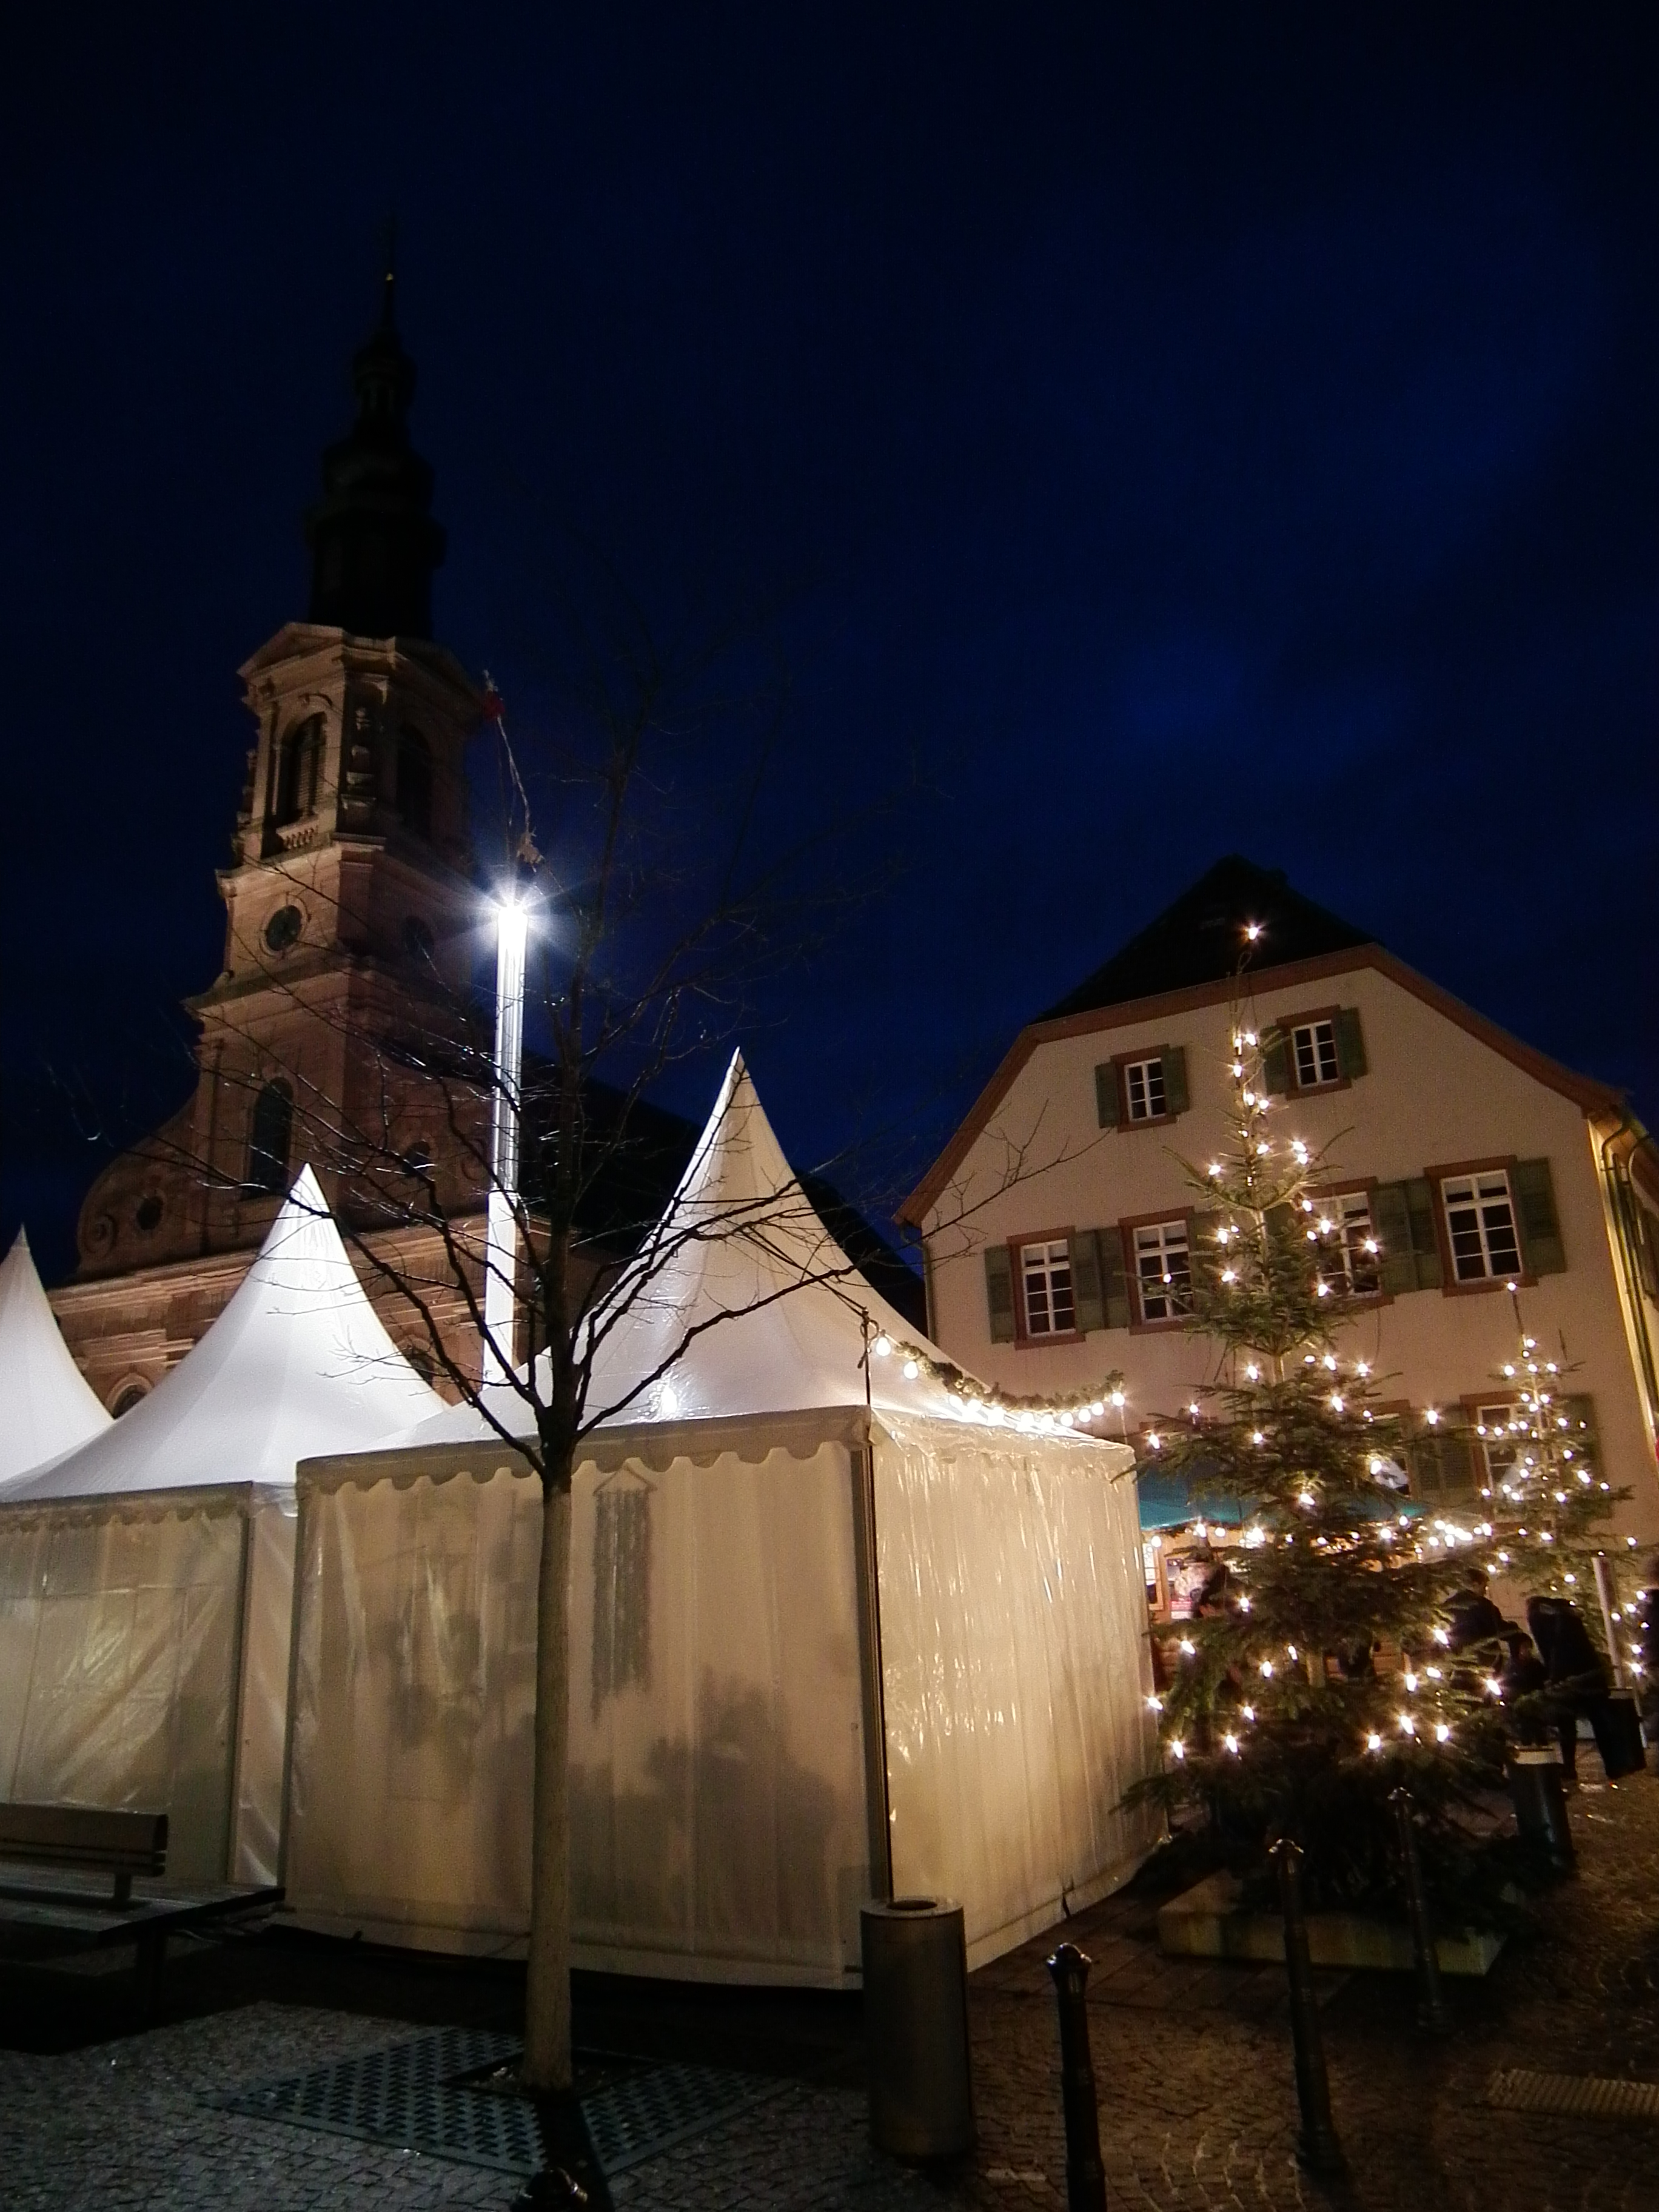 Weihnachtsmarkt Schwetzingen.File Kleine Planken Weihnachtsmarkt Schwetzingen Jpg Wikimedia Commons